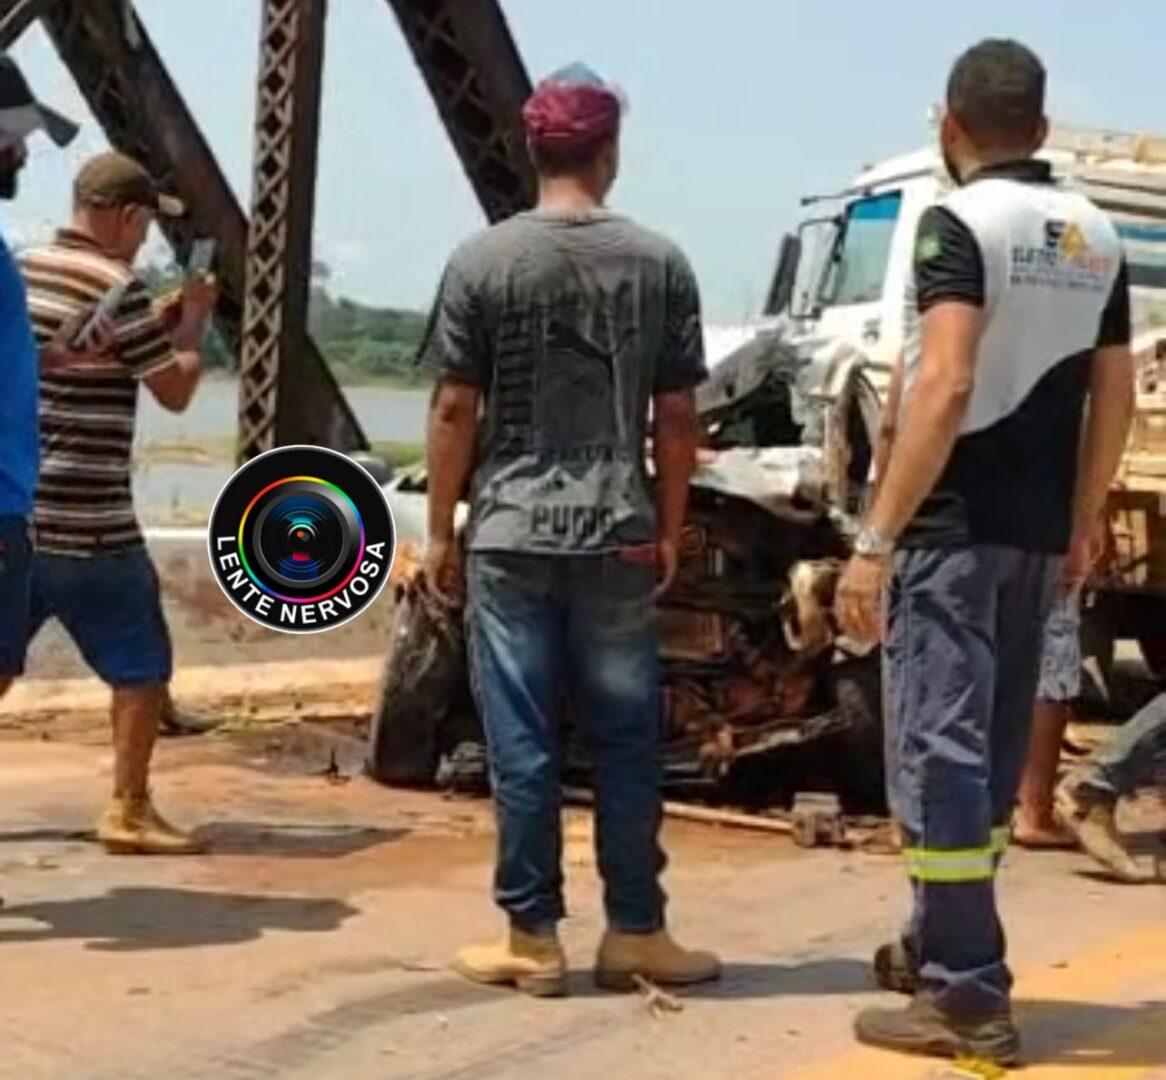 URGENTE – VÍDEO : Vítima fica presa às ferragens em grave acidente na ponte de Jaci-Paraná